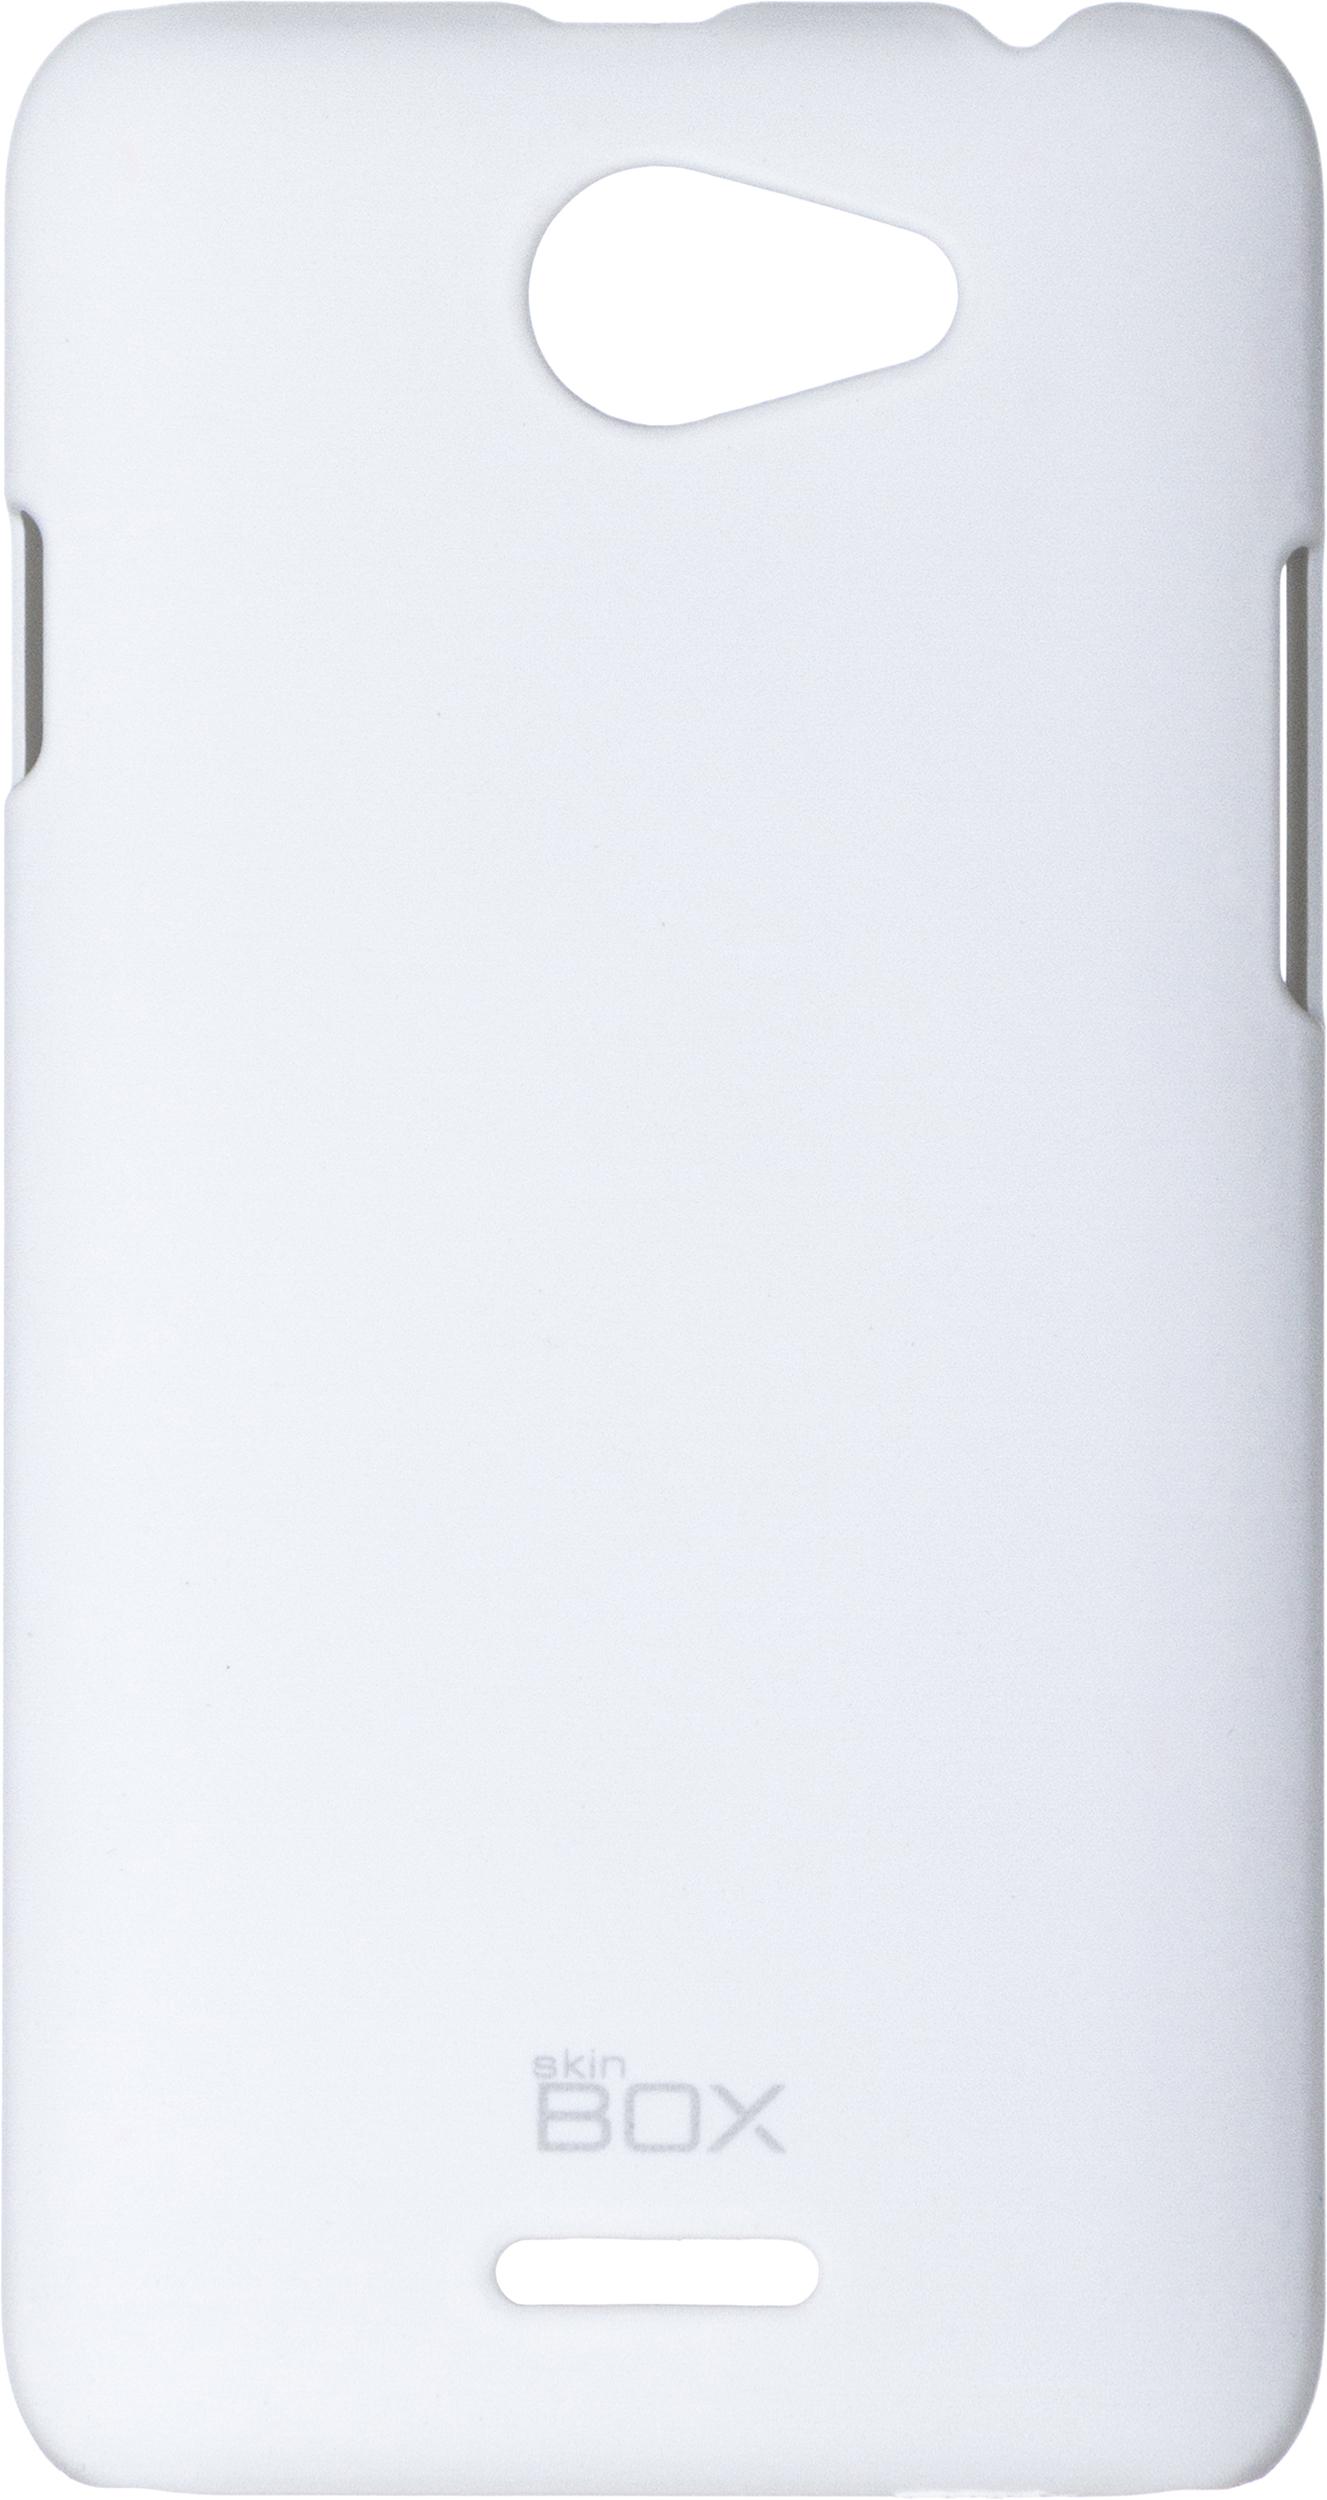 Чехол для сотового телефона skinBOX 4People, 4630042526808, белый все цены